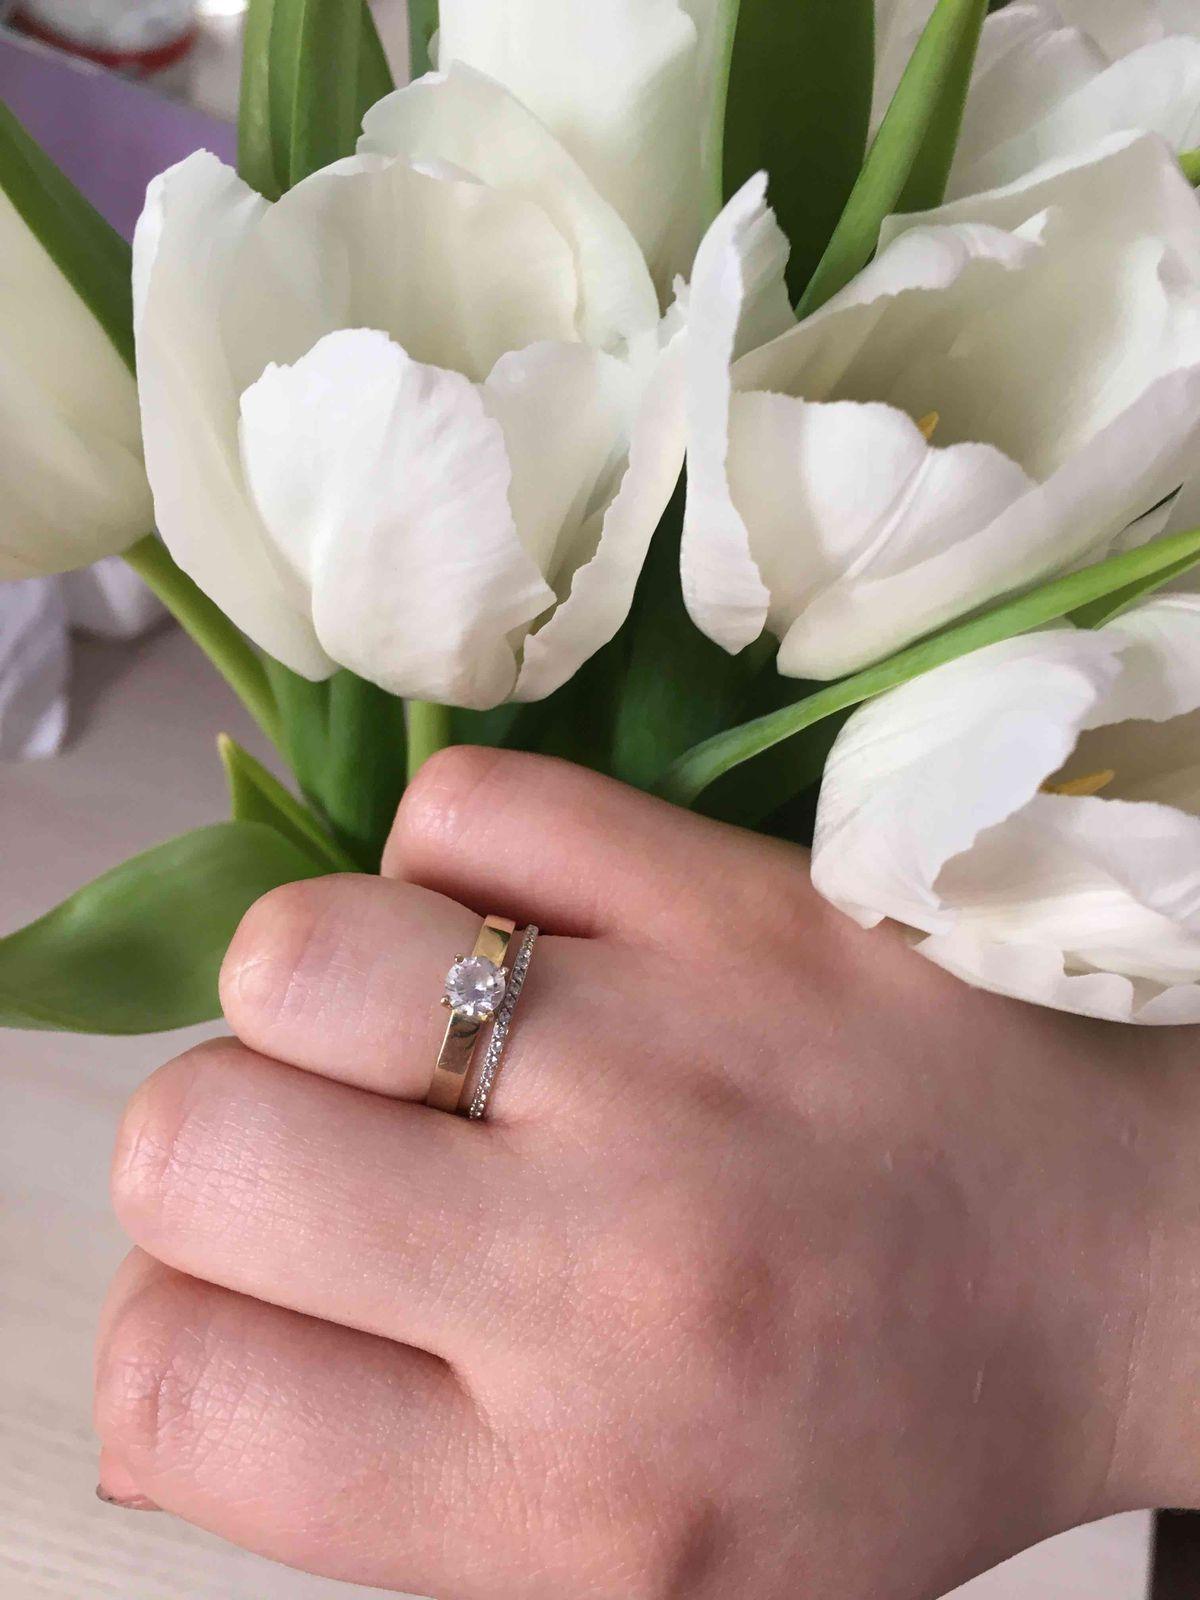 Долго не могла найти подобное кольцо.